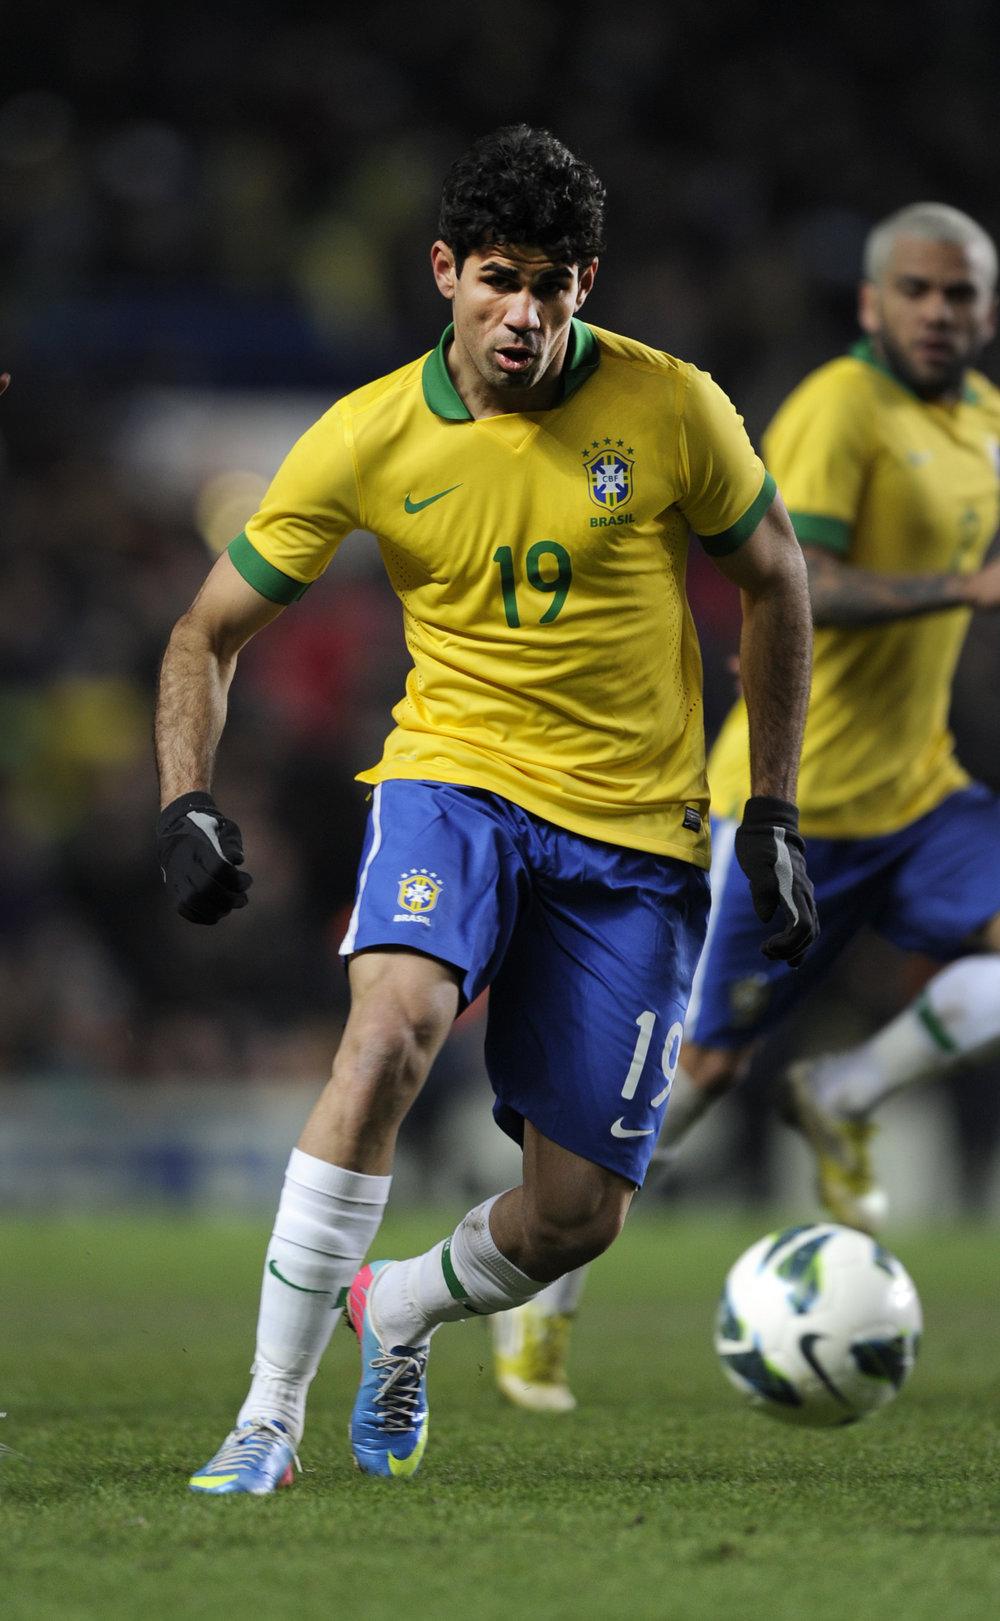 Diego Costa fik sin fodboldopdragelse i Brasilien og først som 16-årig modtog han organiseret træning. Her i en landskamp for Brasilien - i dag repræsenterer han Spanien.   Foto: Getty Images